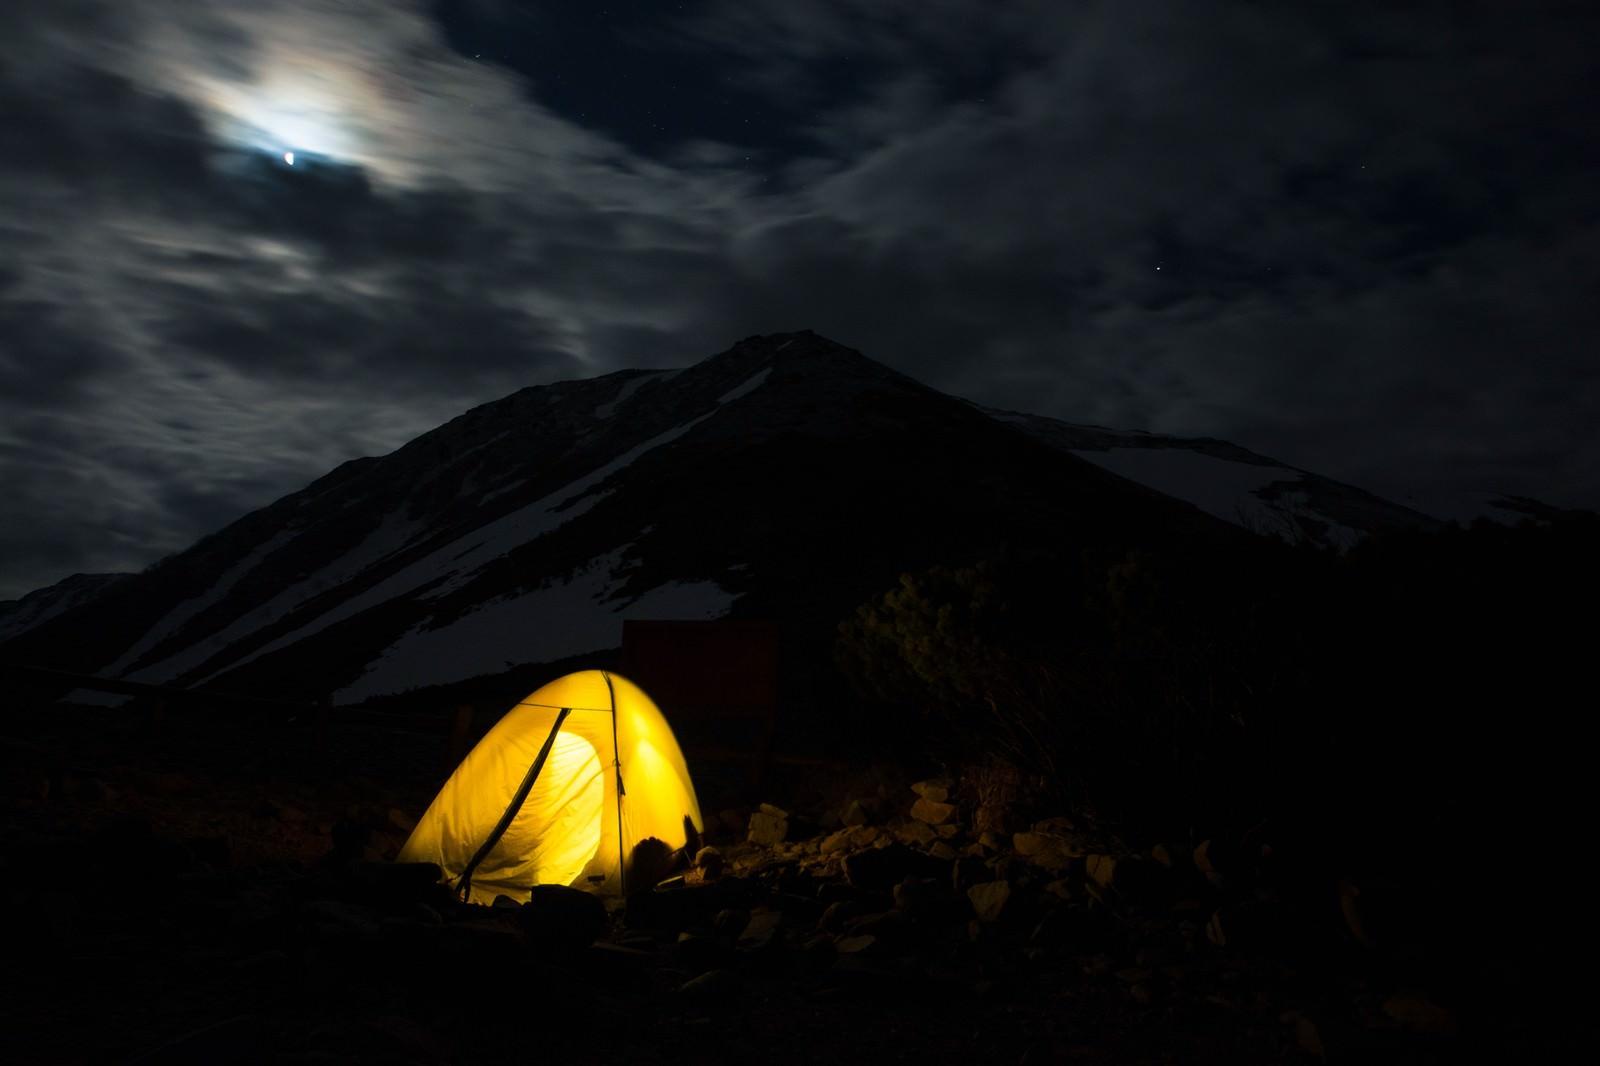 「山でテント泊(ひとりぼっちの旅)」の写真